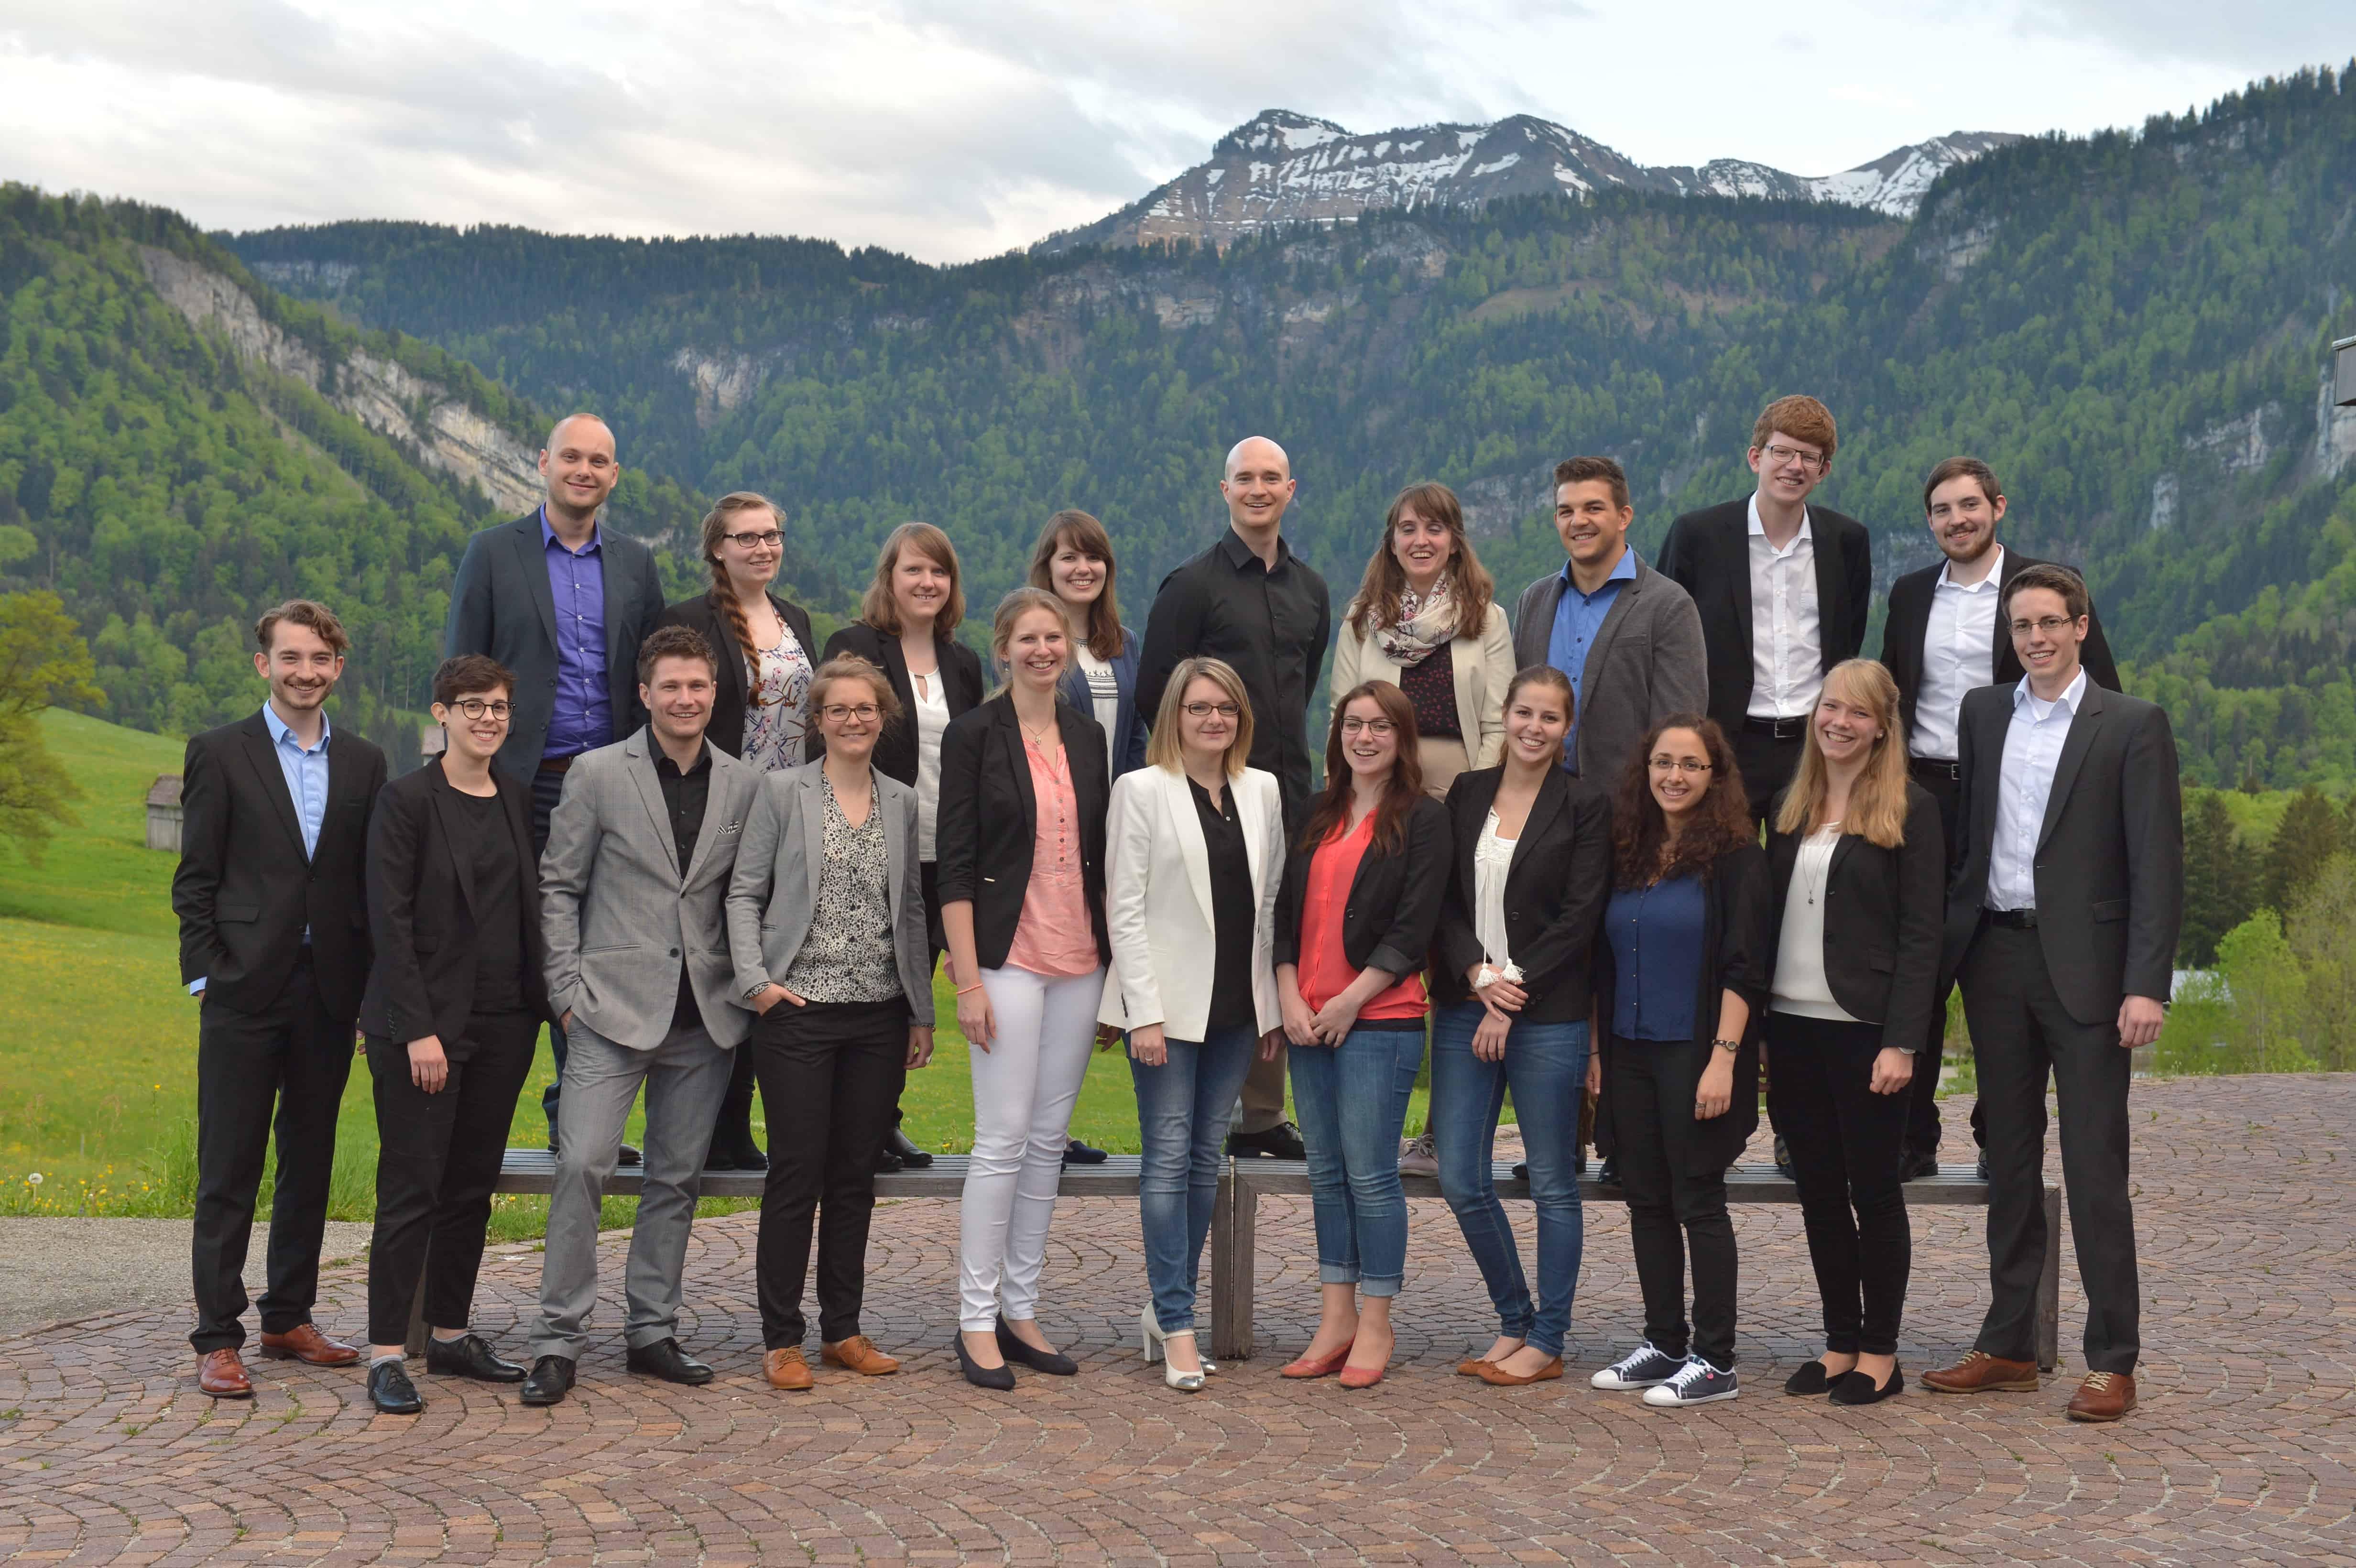 Gruppenbild der Teilnehmer am 9. TANNER Hochschulwettbewerb